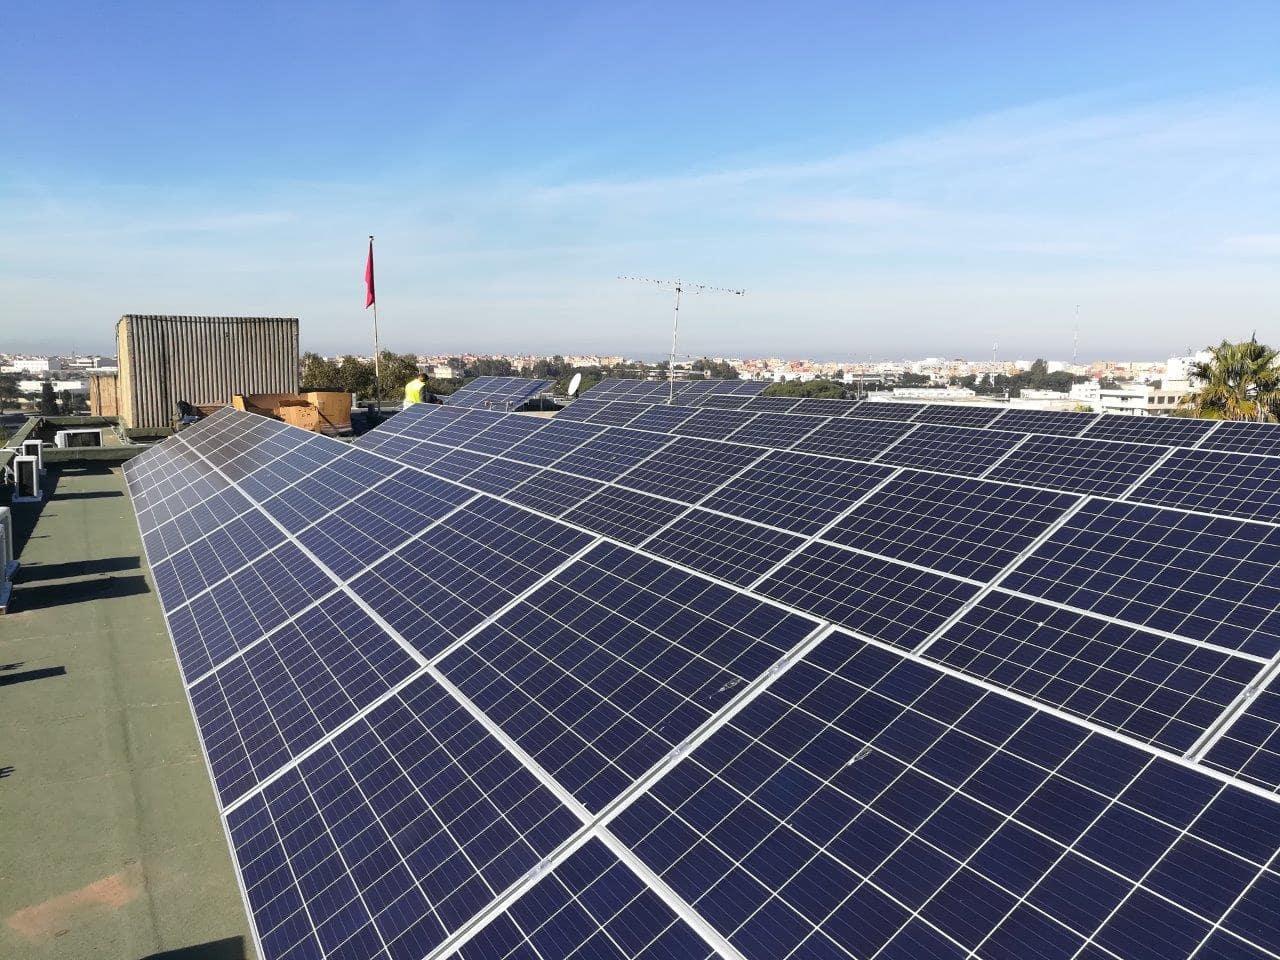 Mise à niveau énergétique des bâtiments du Ministère des Affaires Générales et de la Gouvernance (MAGG)